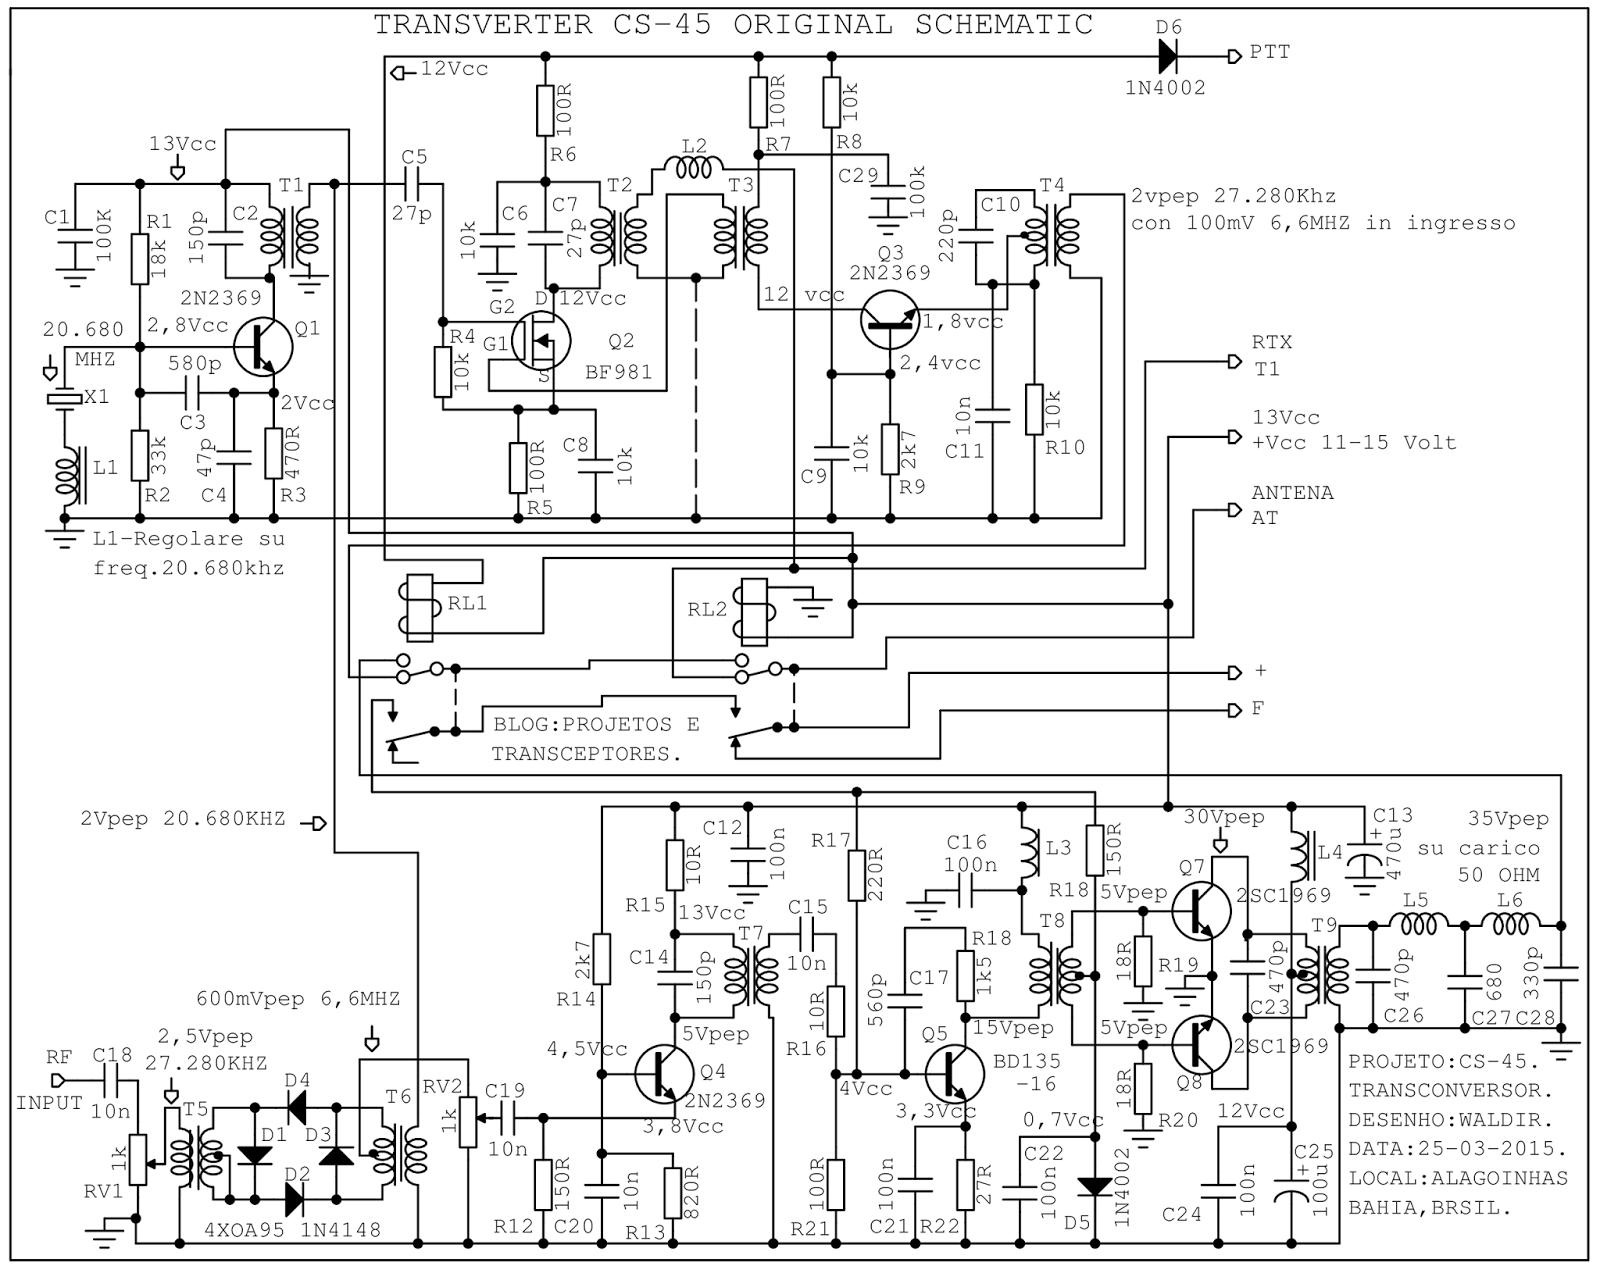 Projetos E Transceptores Esquemas Transverter Cs 45